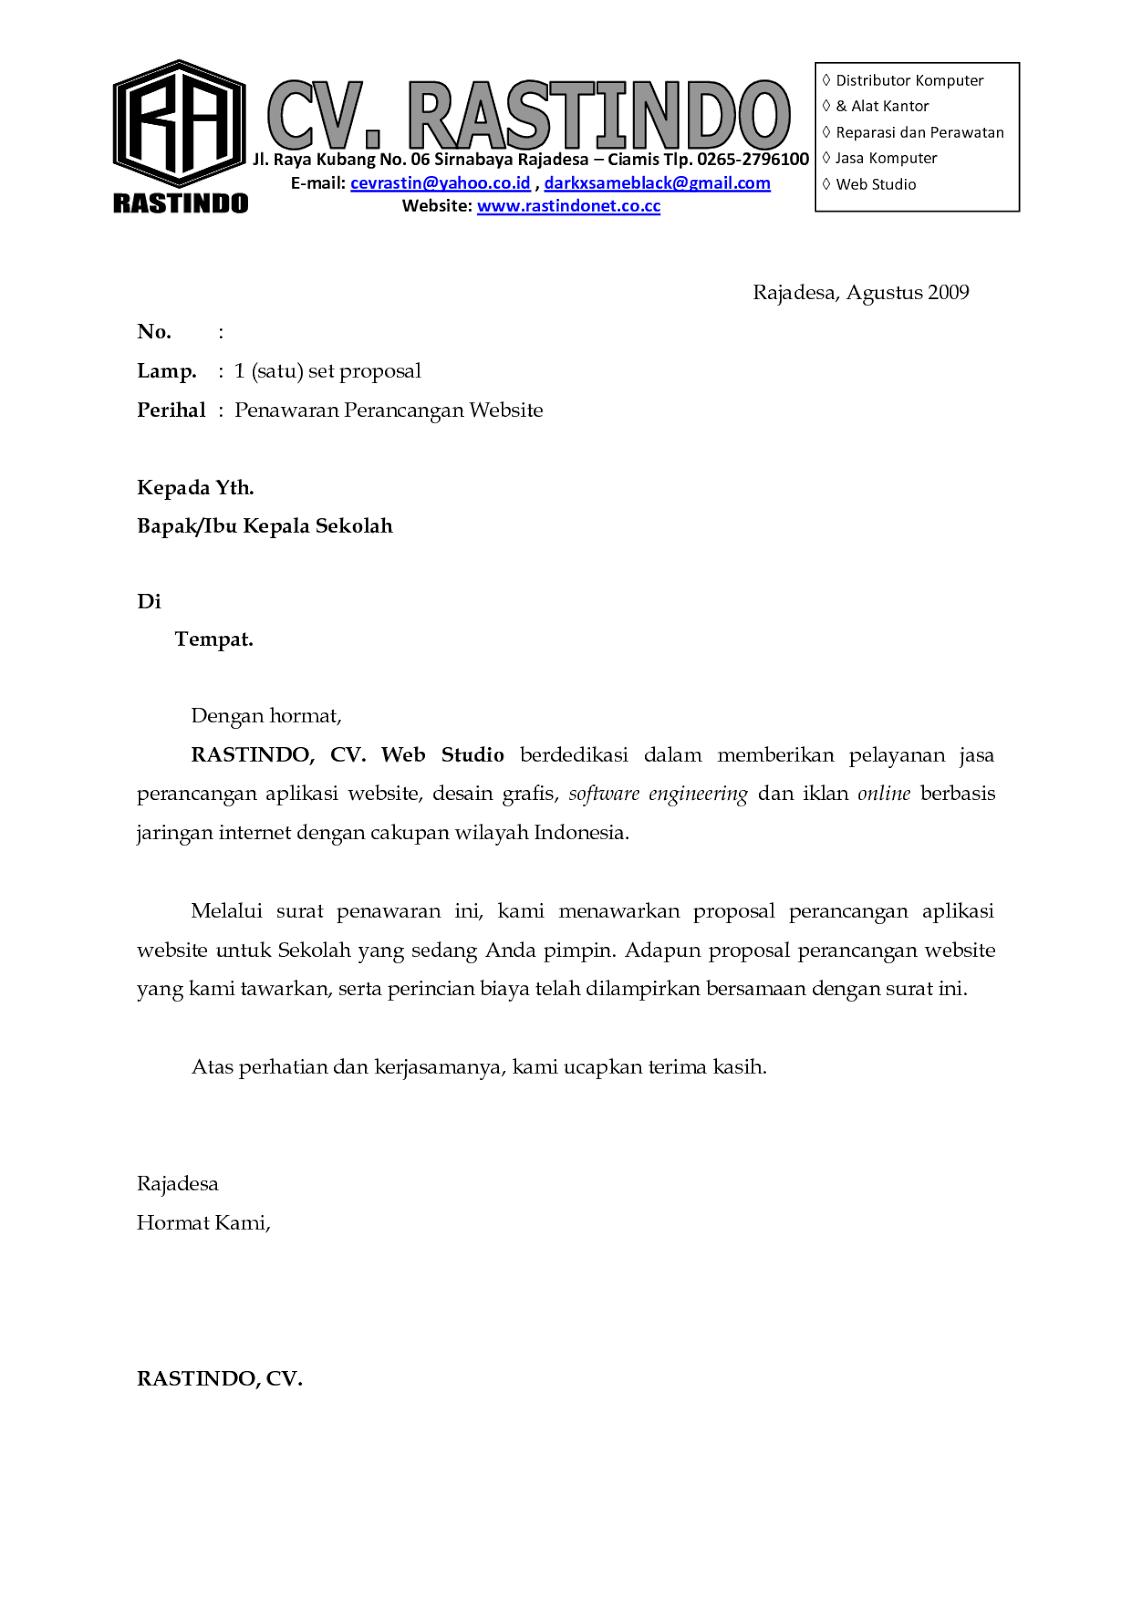 Contoh Cv Bahasa Inggris Housekeeping Surat Desain Proposal